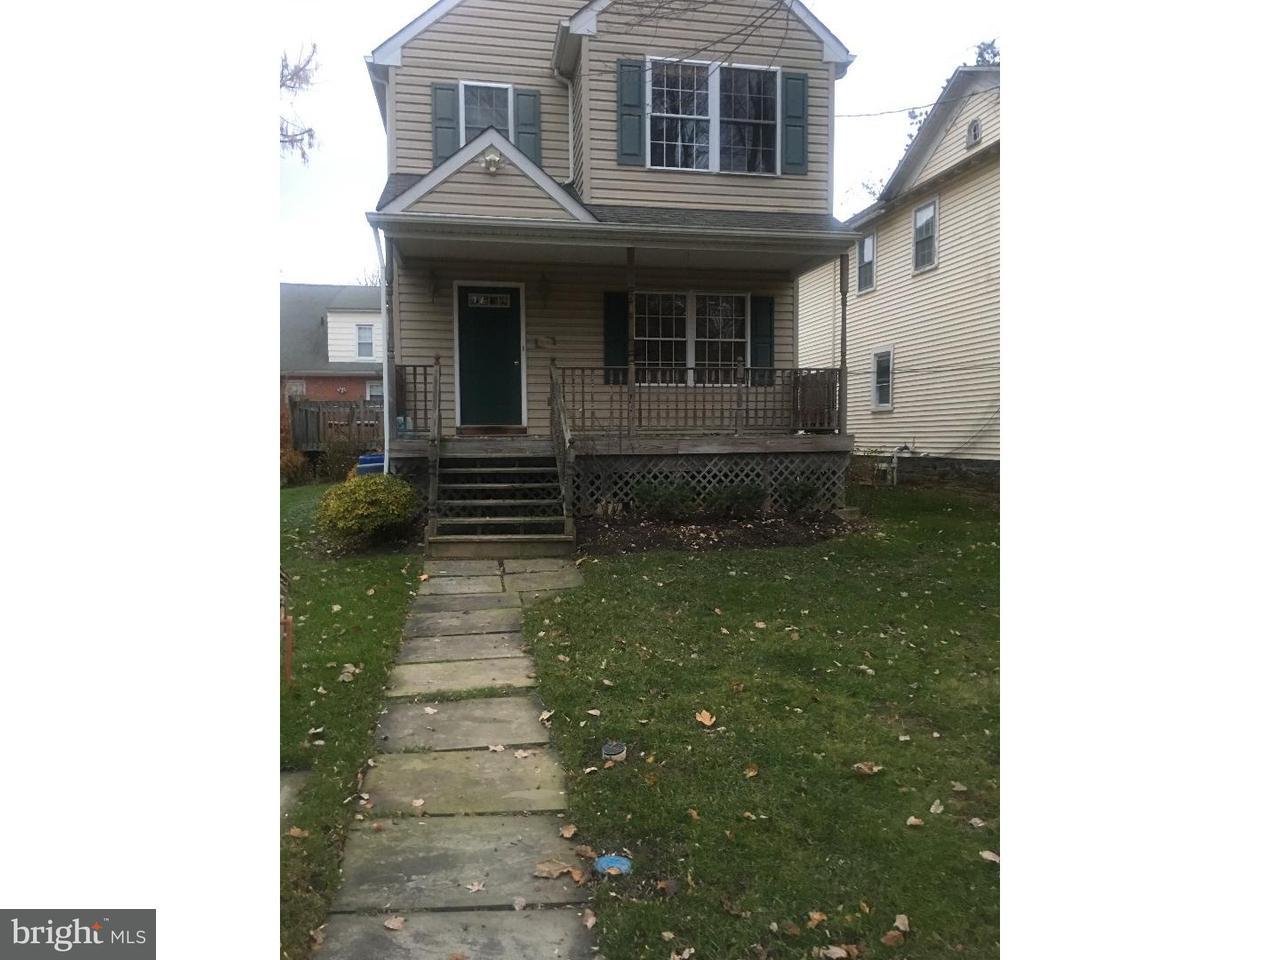 独户住宅 为 出租 在 29 1/2 WEST Avenue 布林莫尔, 宾夕法尼亚州 19010 美国